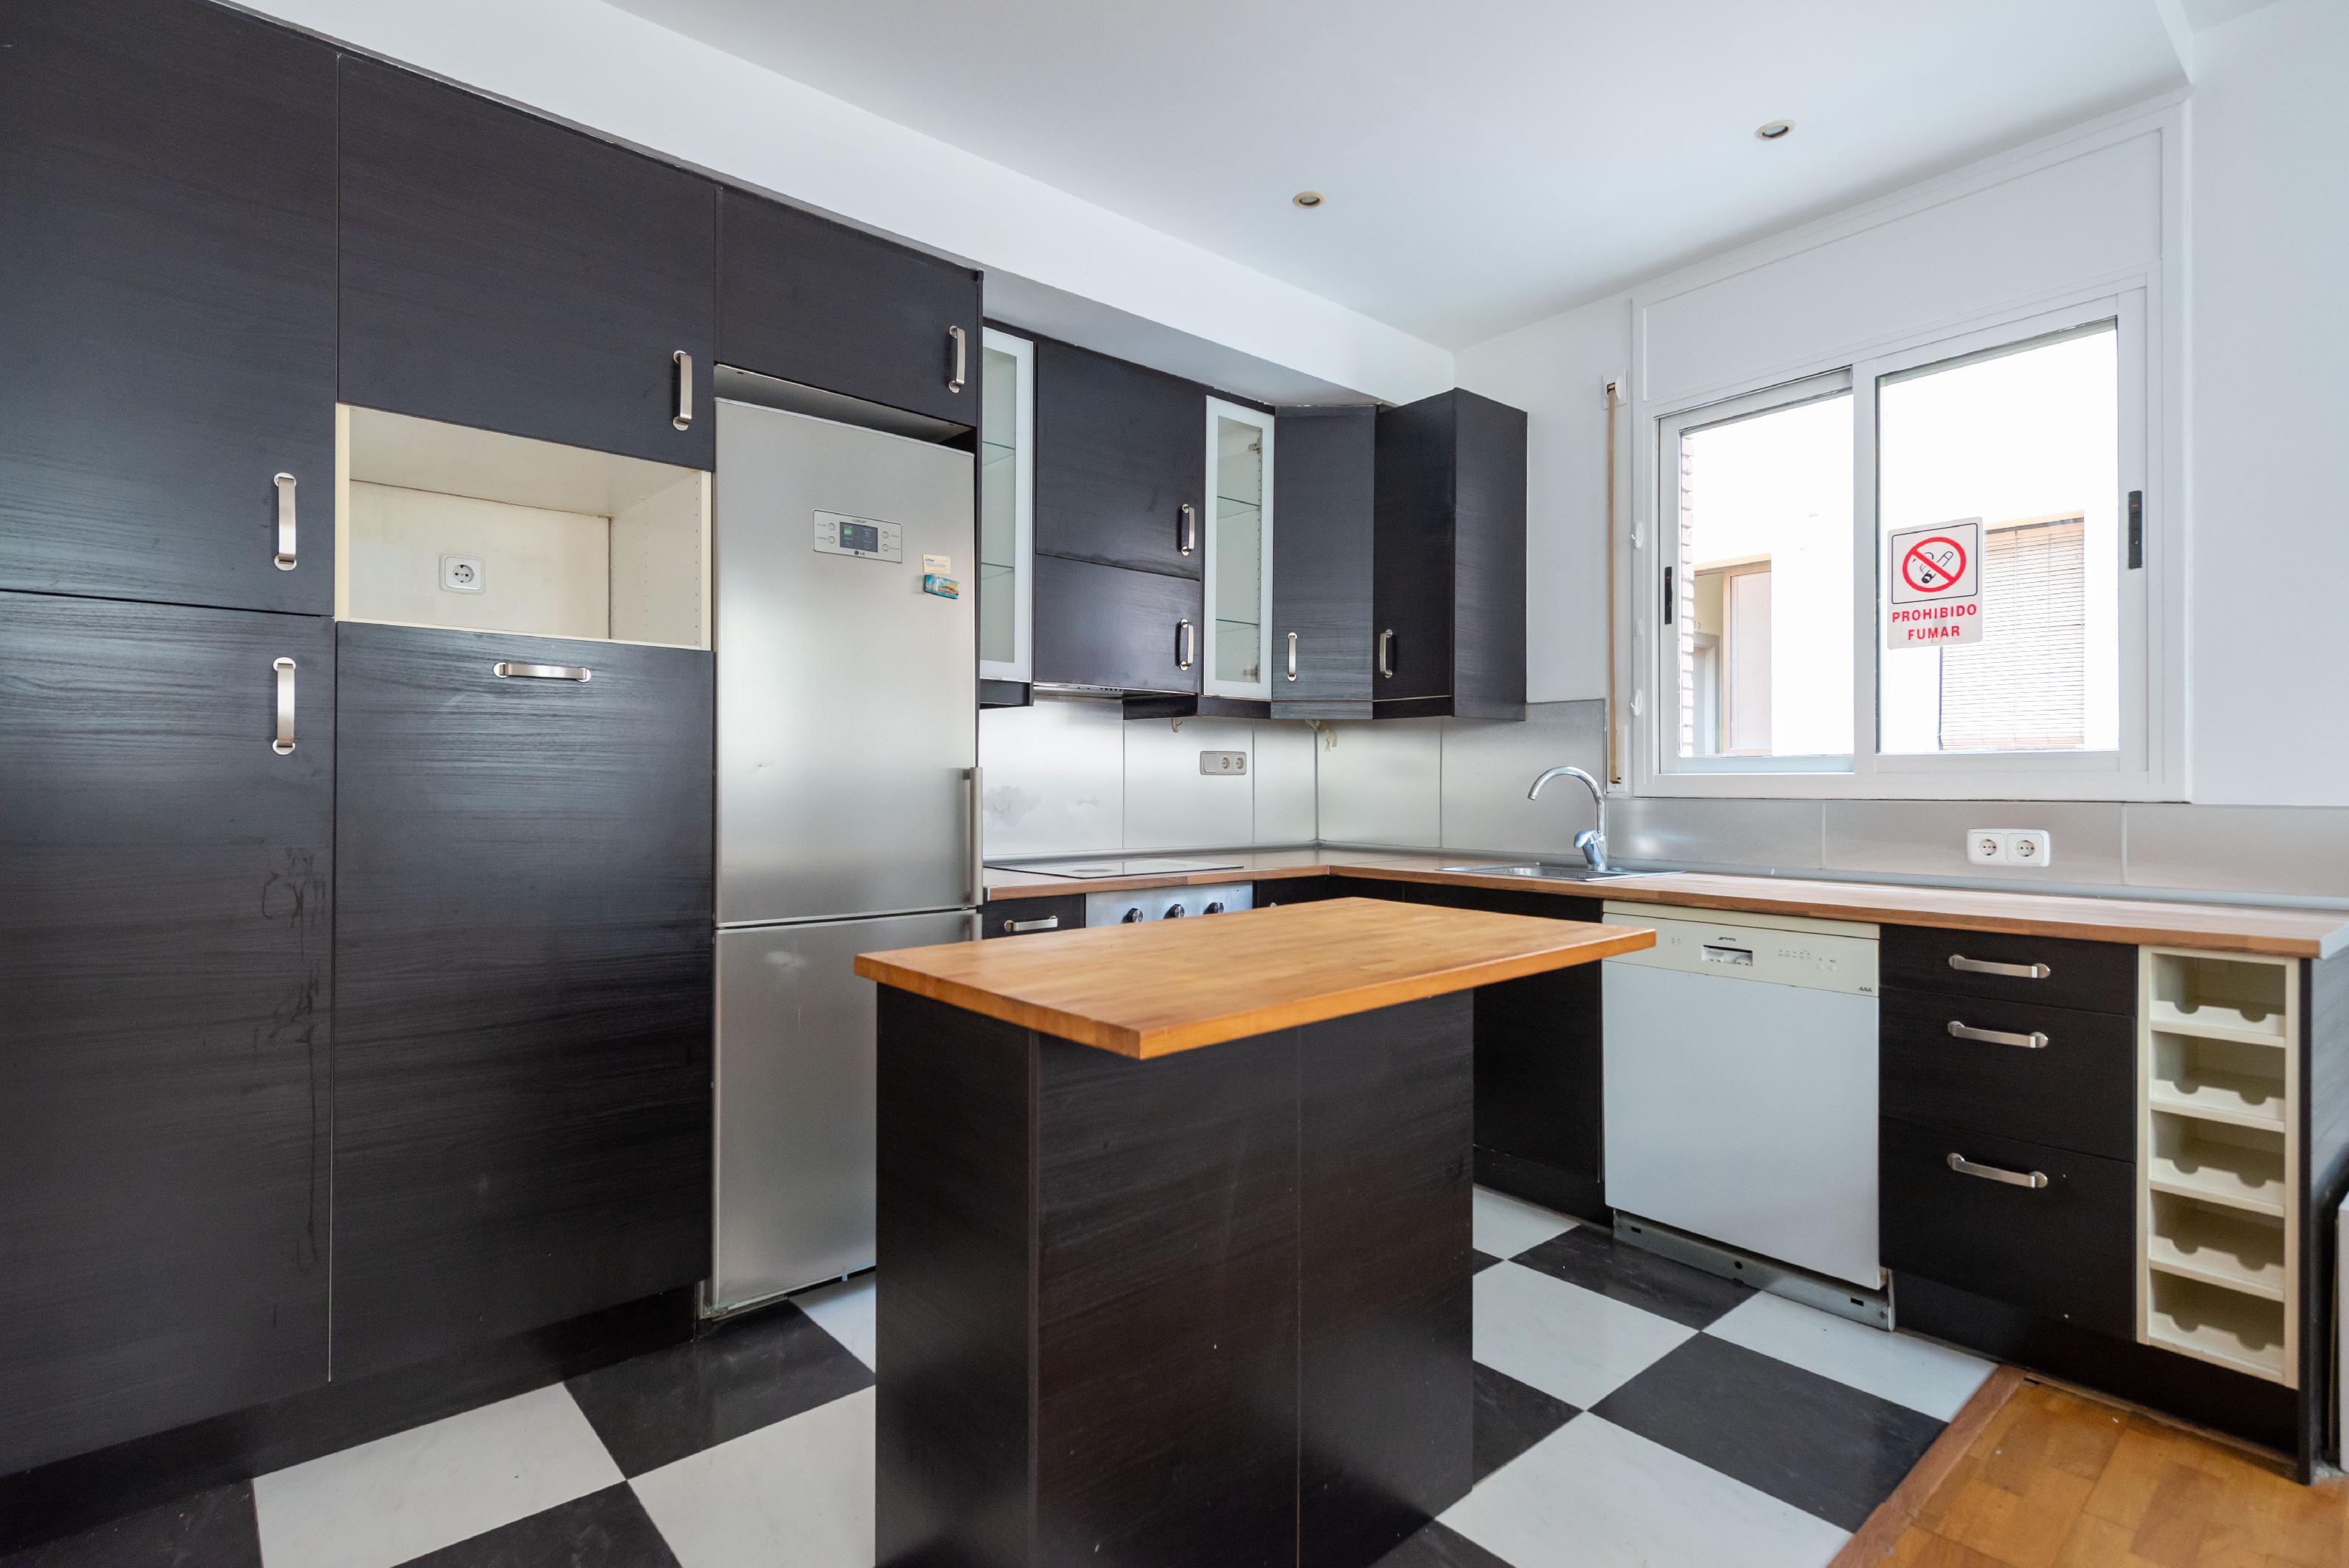 249634 House for sale in Gràcia, Vila de Gràcia 8